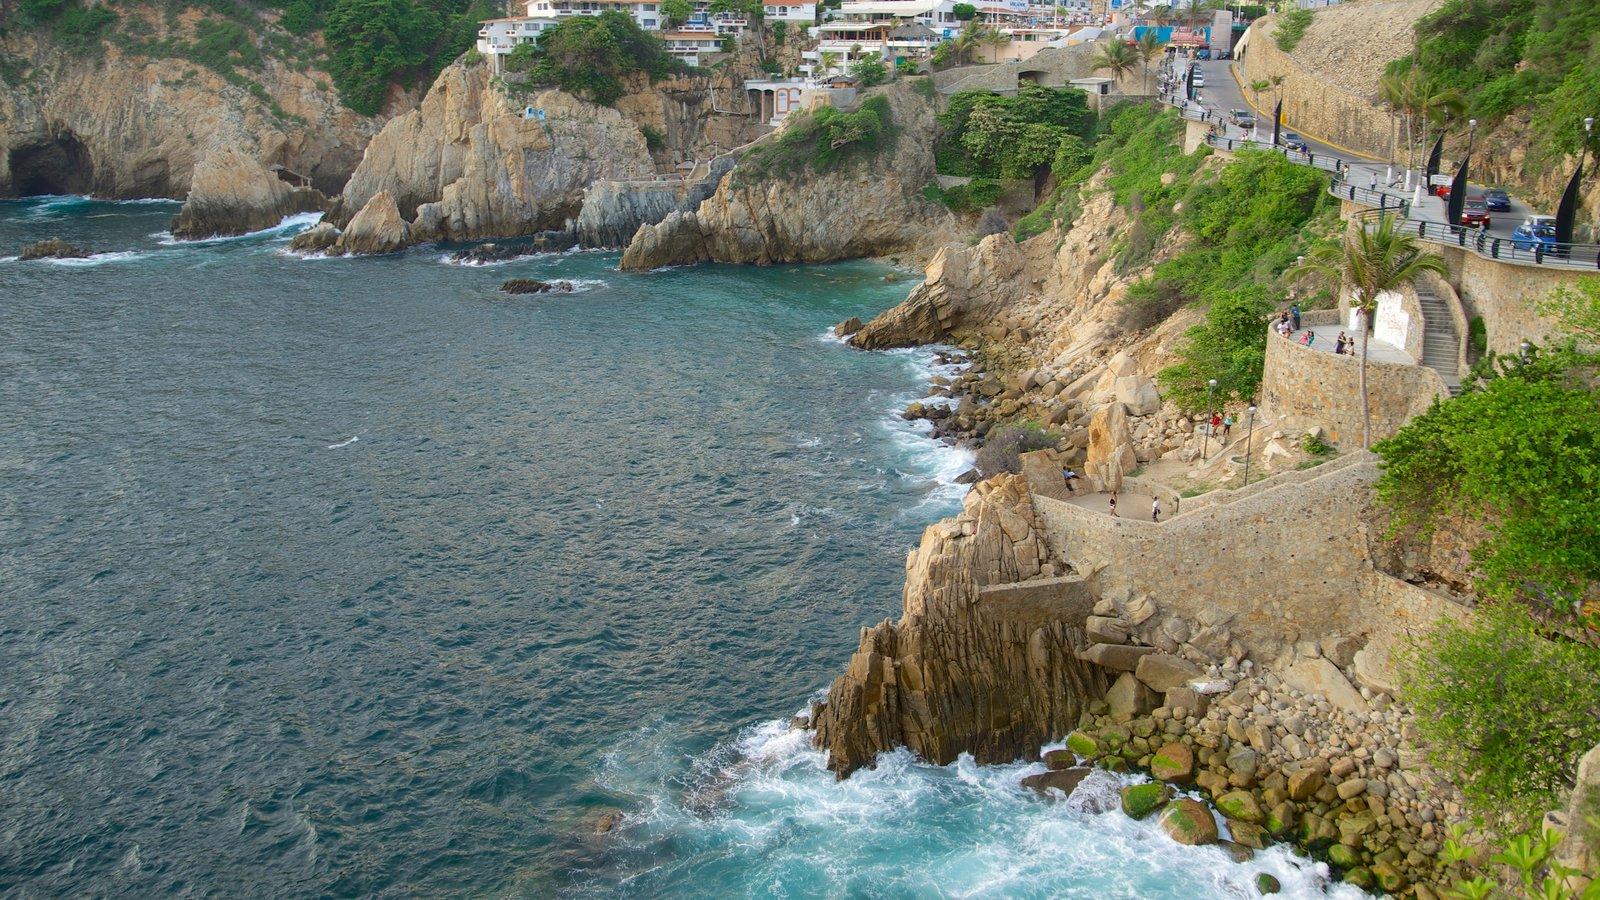 Sinfonía mostrando costa escarpada, una ciudad costera y vistas